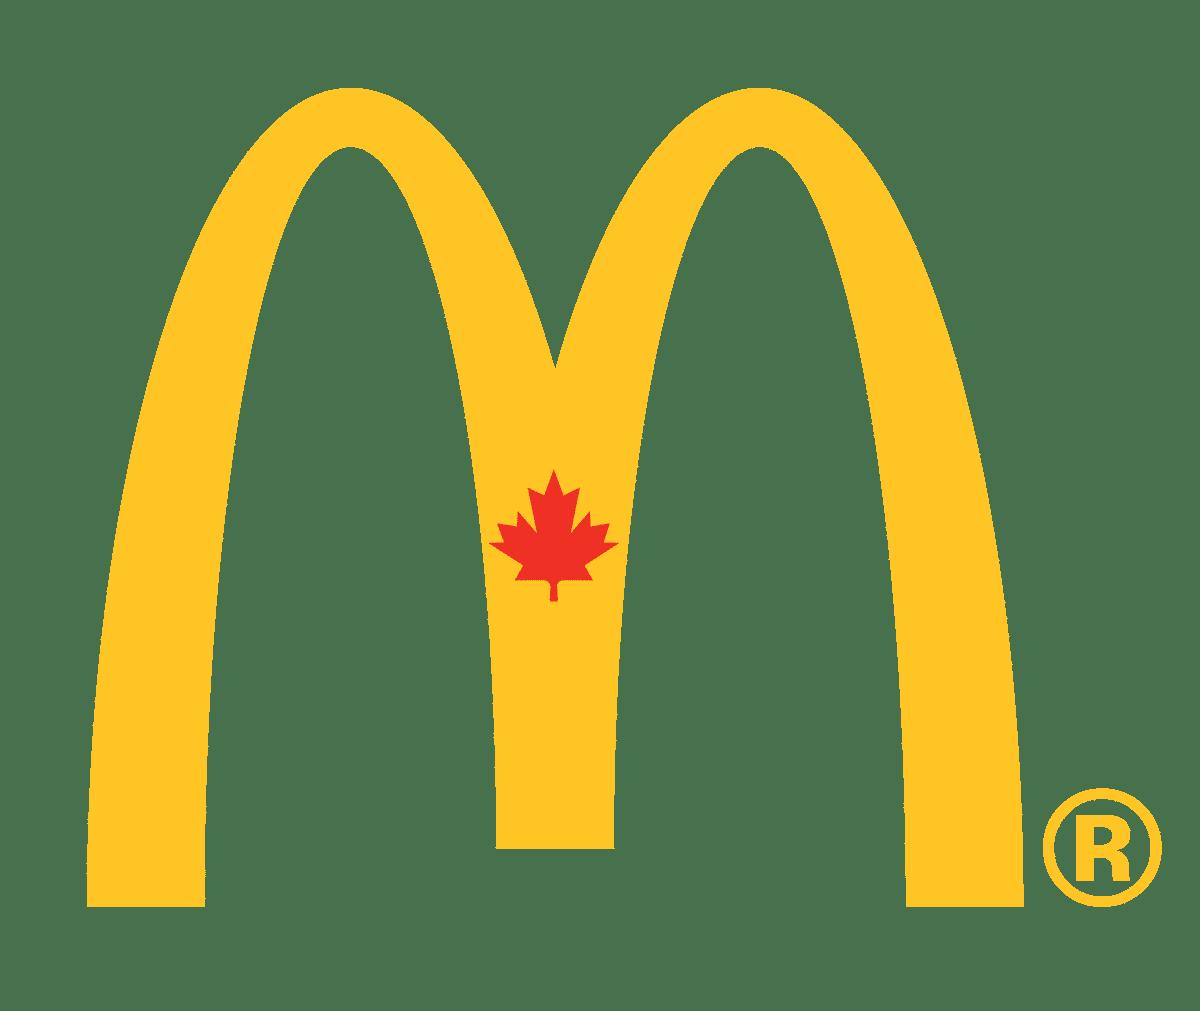 McDonalds_Canada